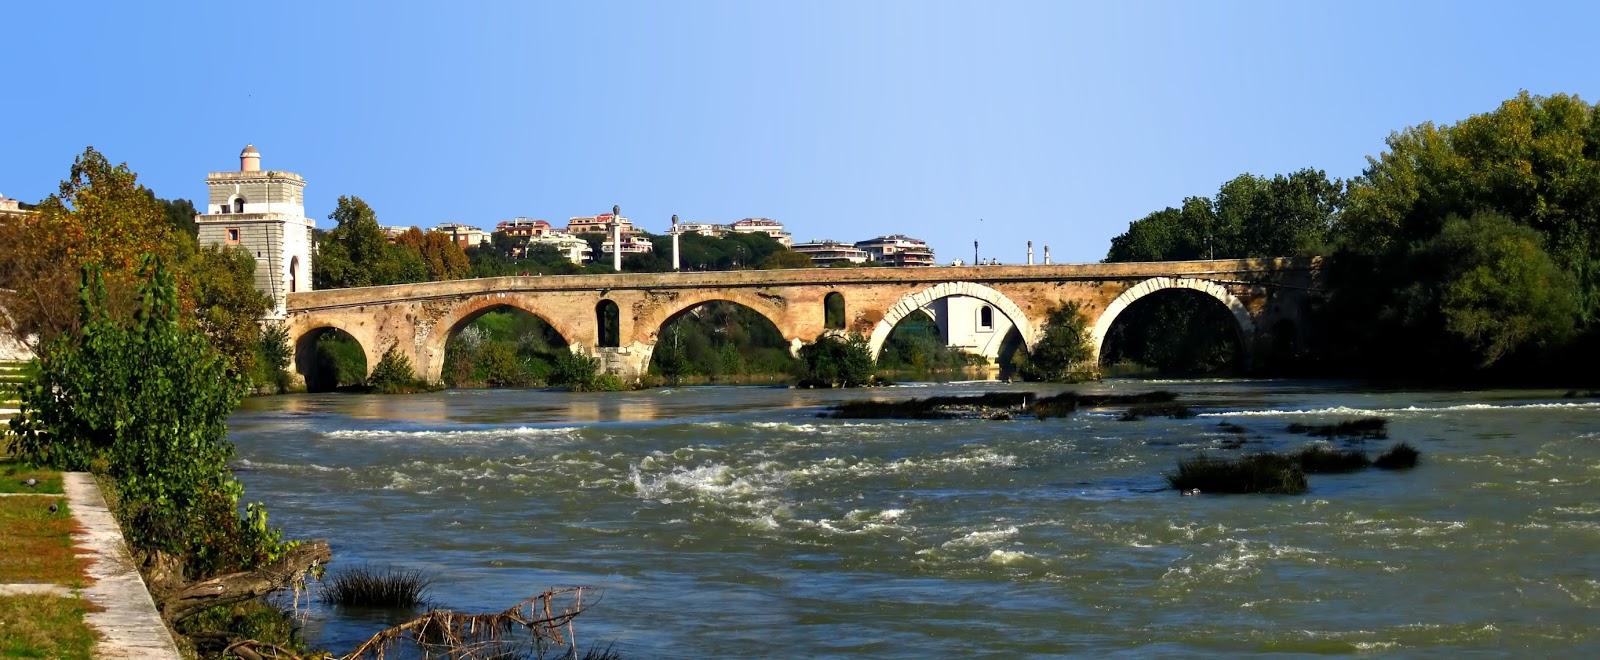 Puente Mulvio (Milvio) -Via Flaminia